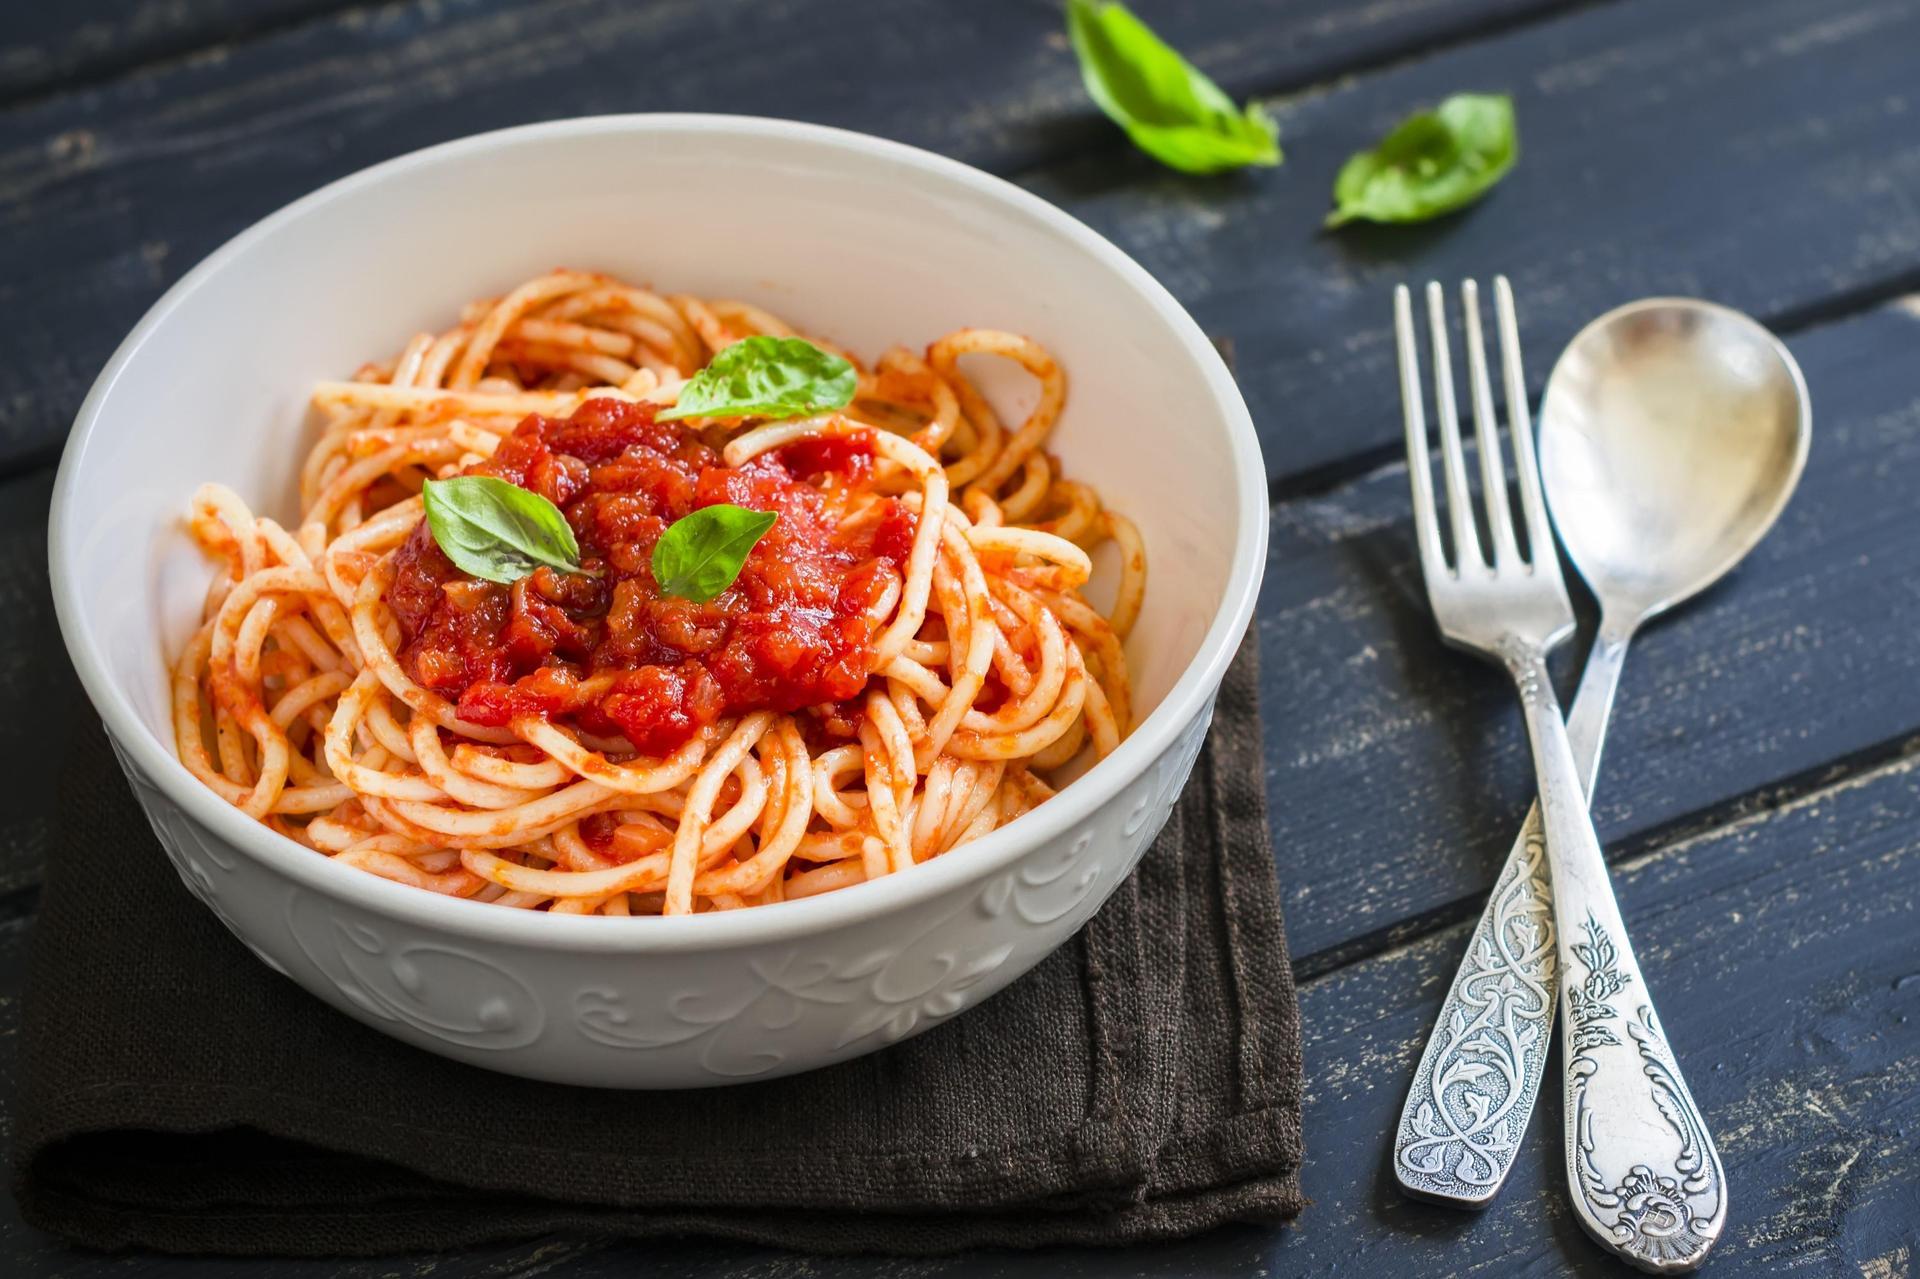 Pasta with Marinara